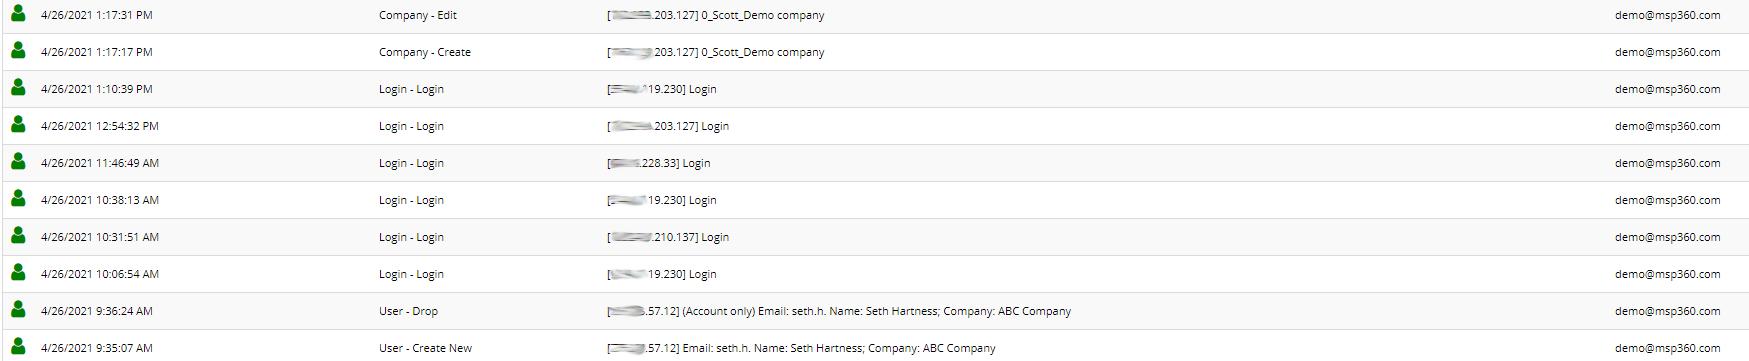 MSP360 Managed Backup: Audit Log